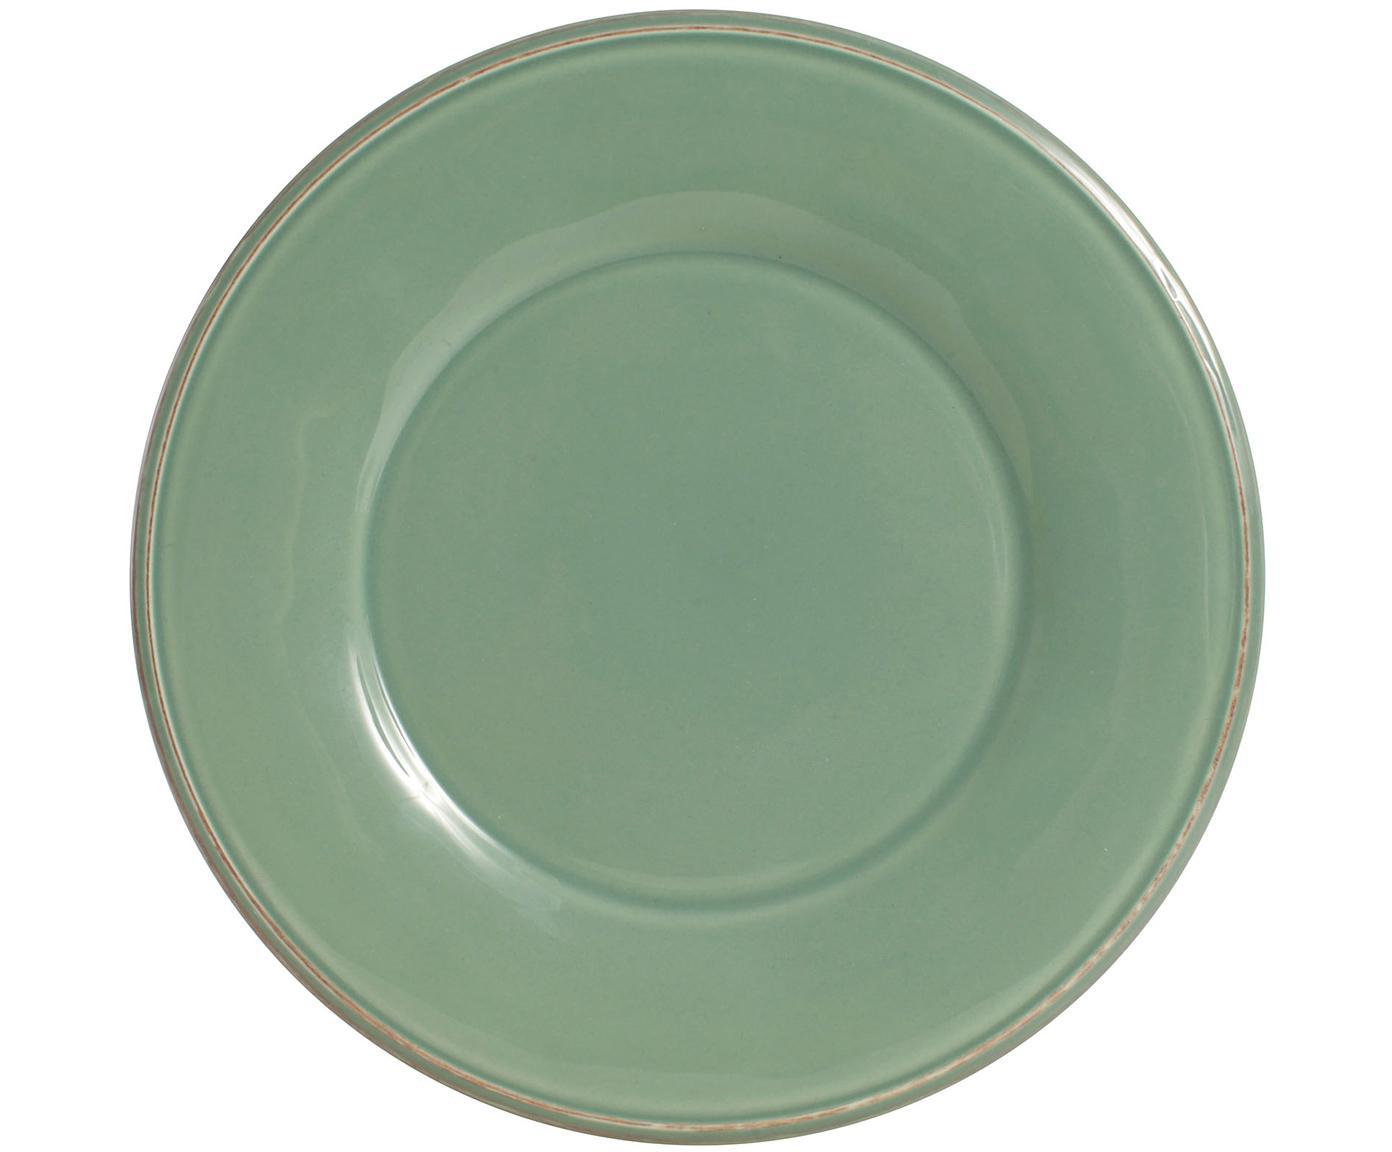 Platos de postre Constance, 2uds., Cerámica, Verde salvia, Ø 24 cm